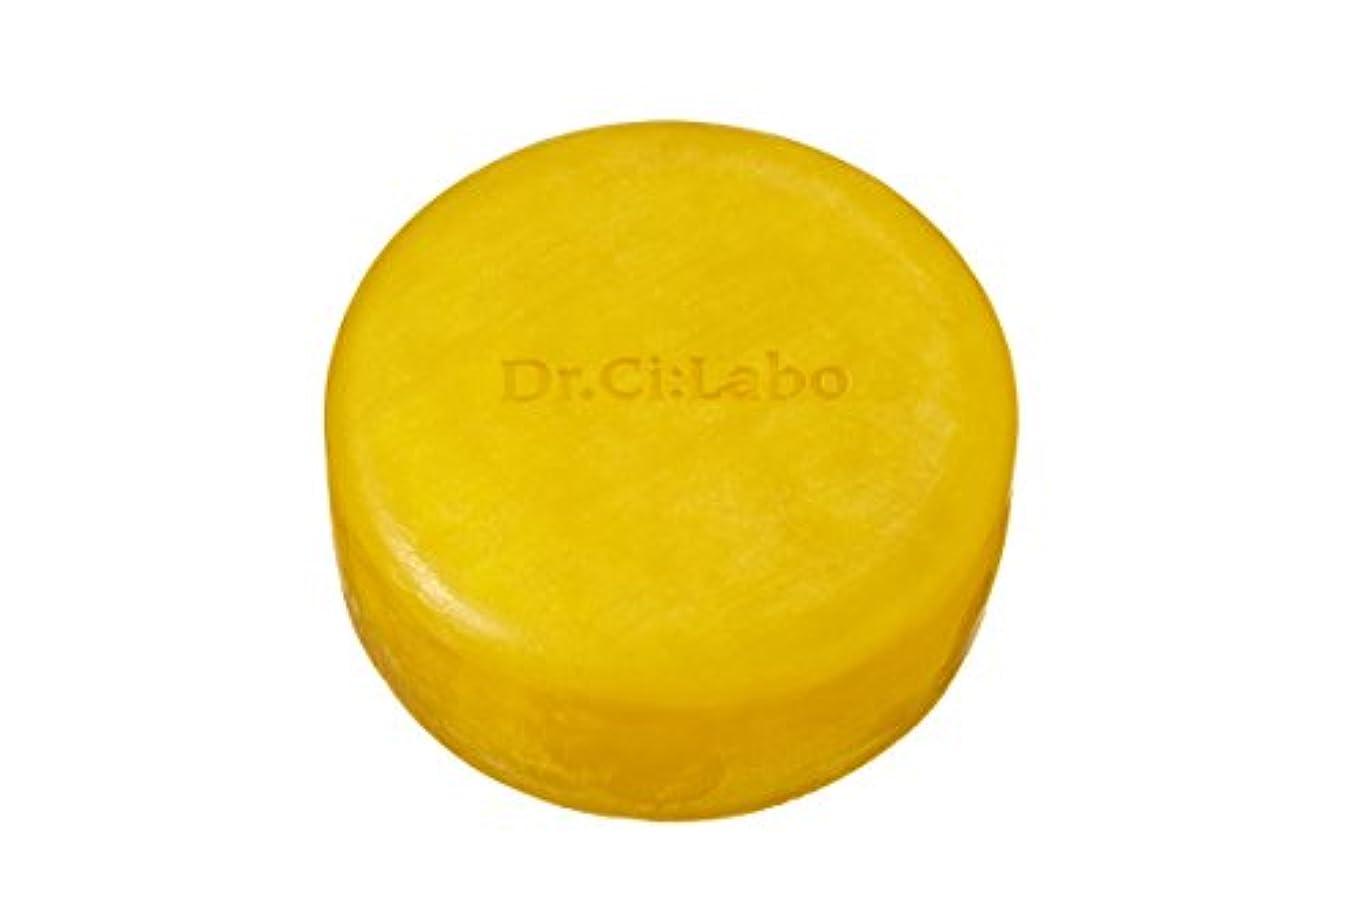 後方保護する種をまくドクターシーラボ エンリッチリフトソープEX 角質オフ石鹸 100g 洗顔石鹸